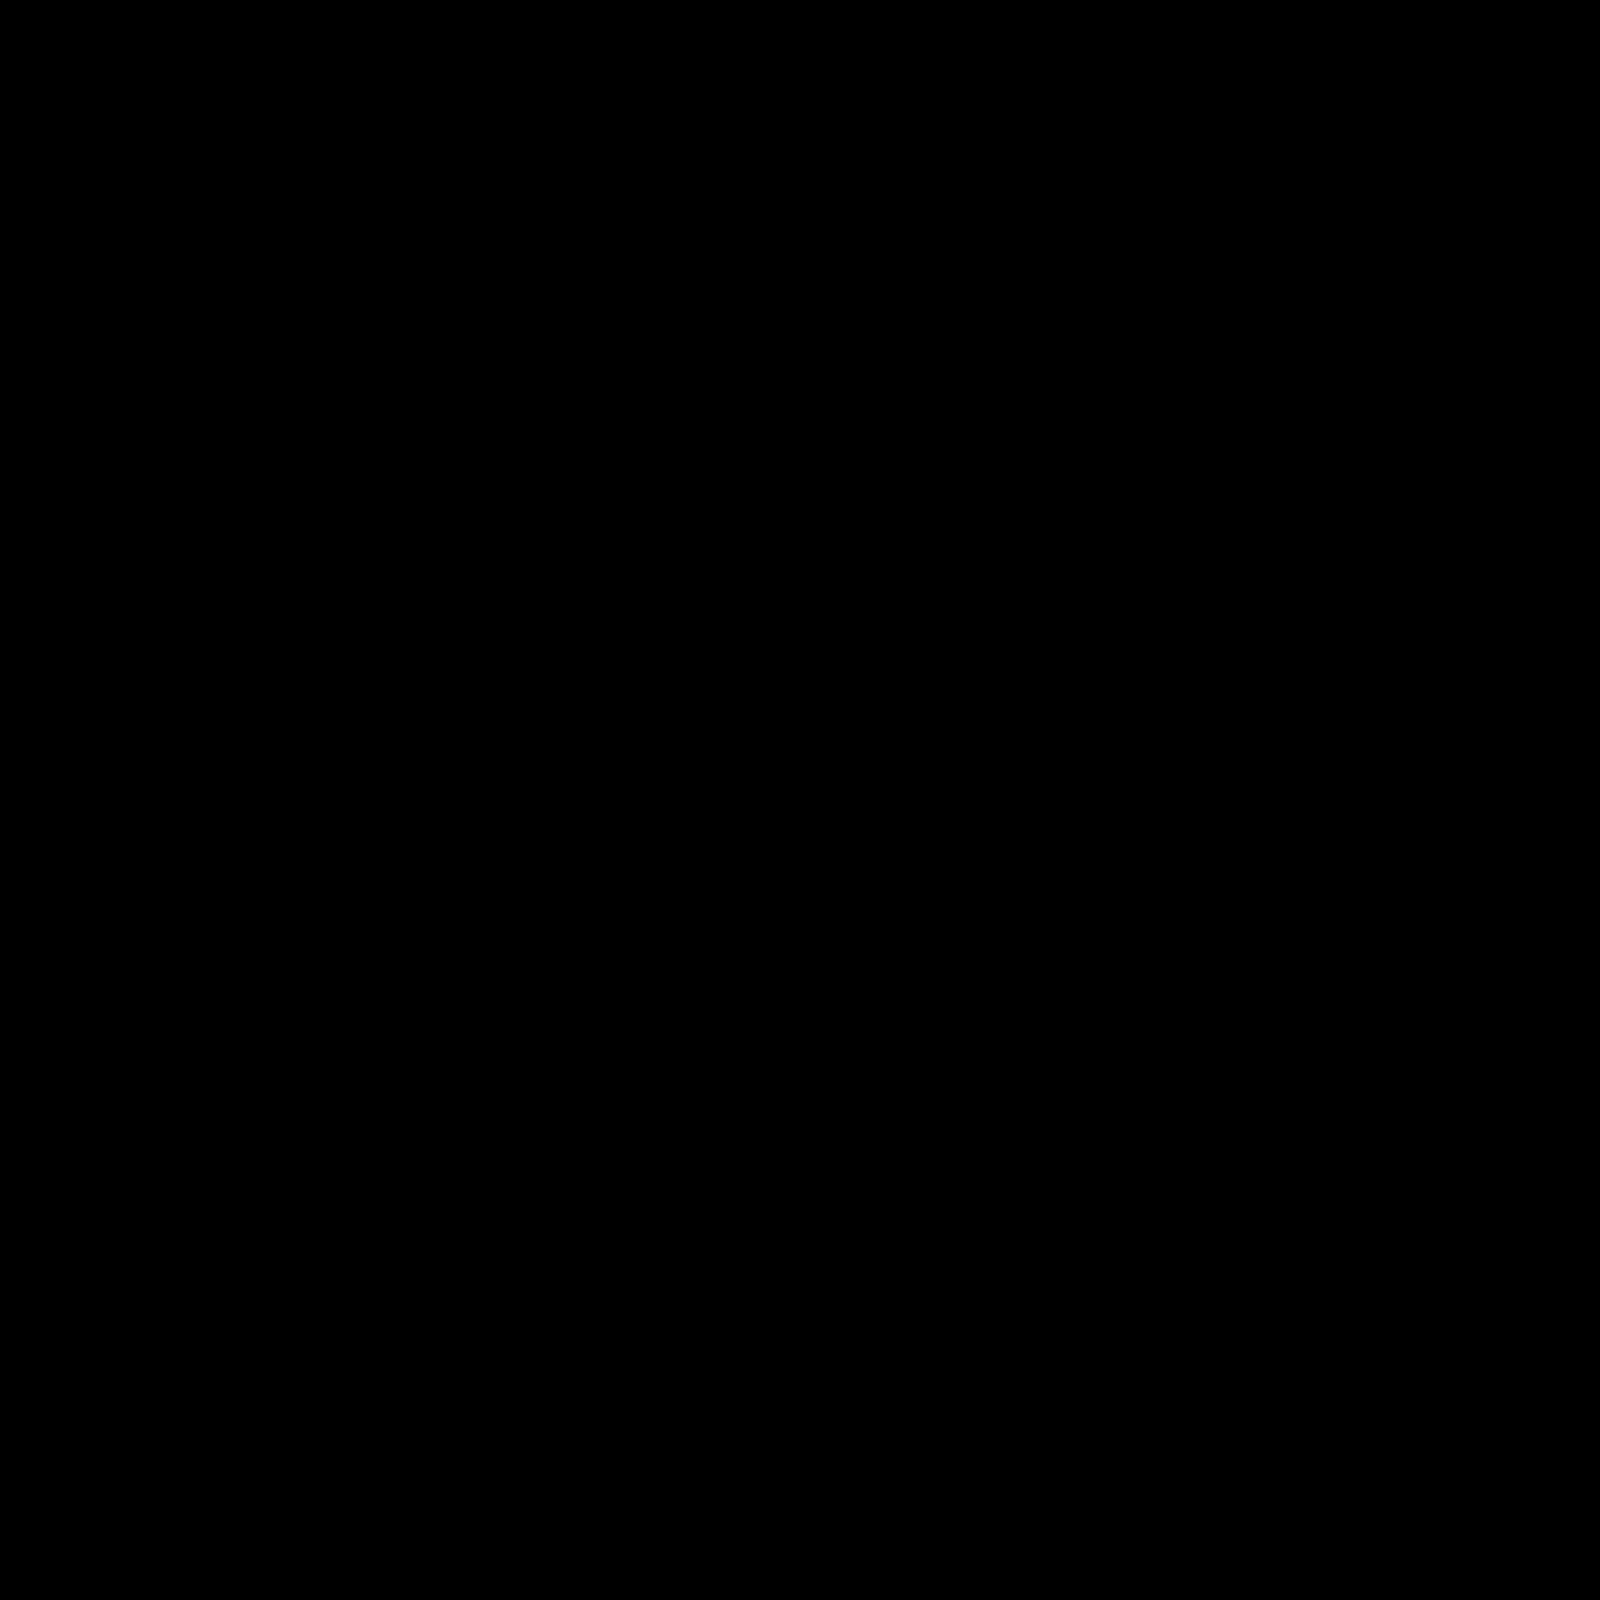 Стрелка влево-вниз в круге icon